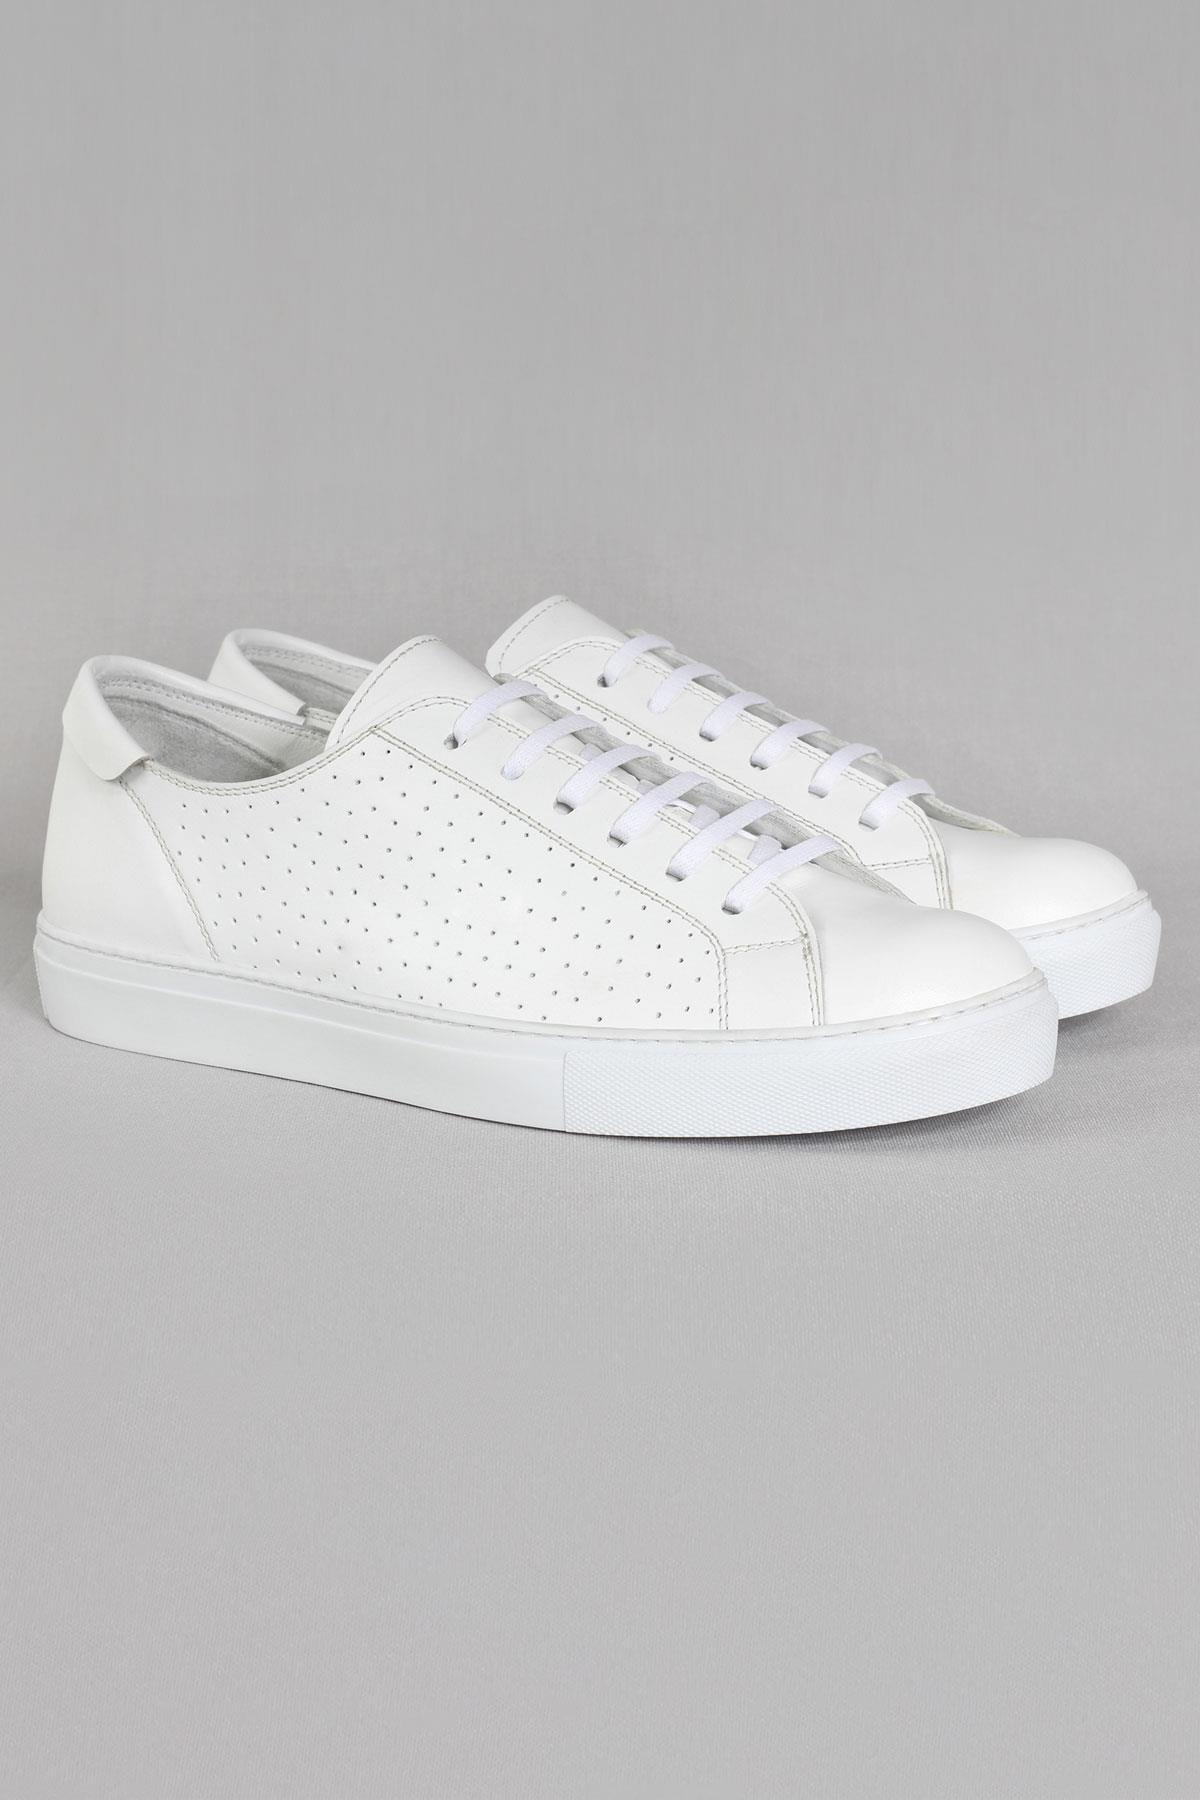 Buyuksun Hakiki Deri Erkek Spor Ayakkabı Delikli Sneakers Büyük Numara 36.214.03